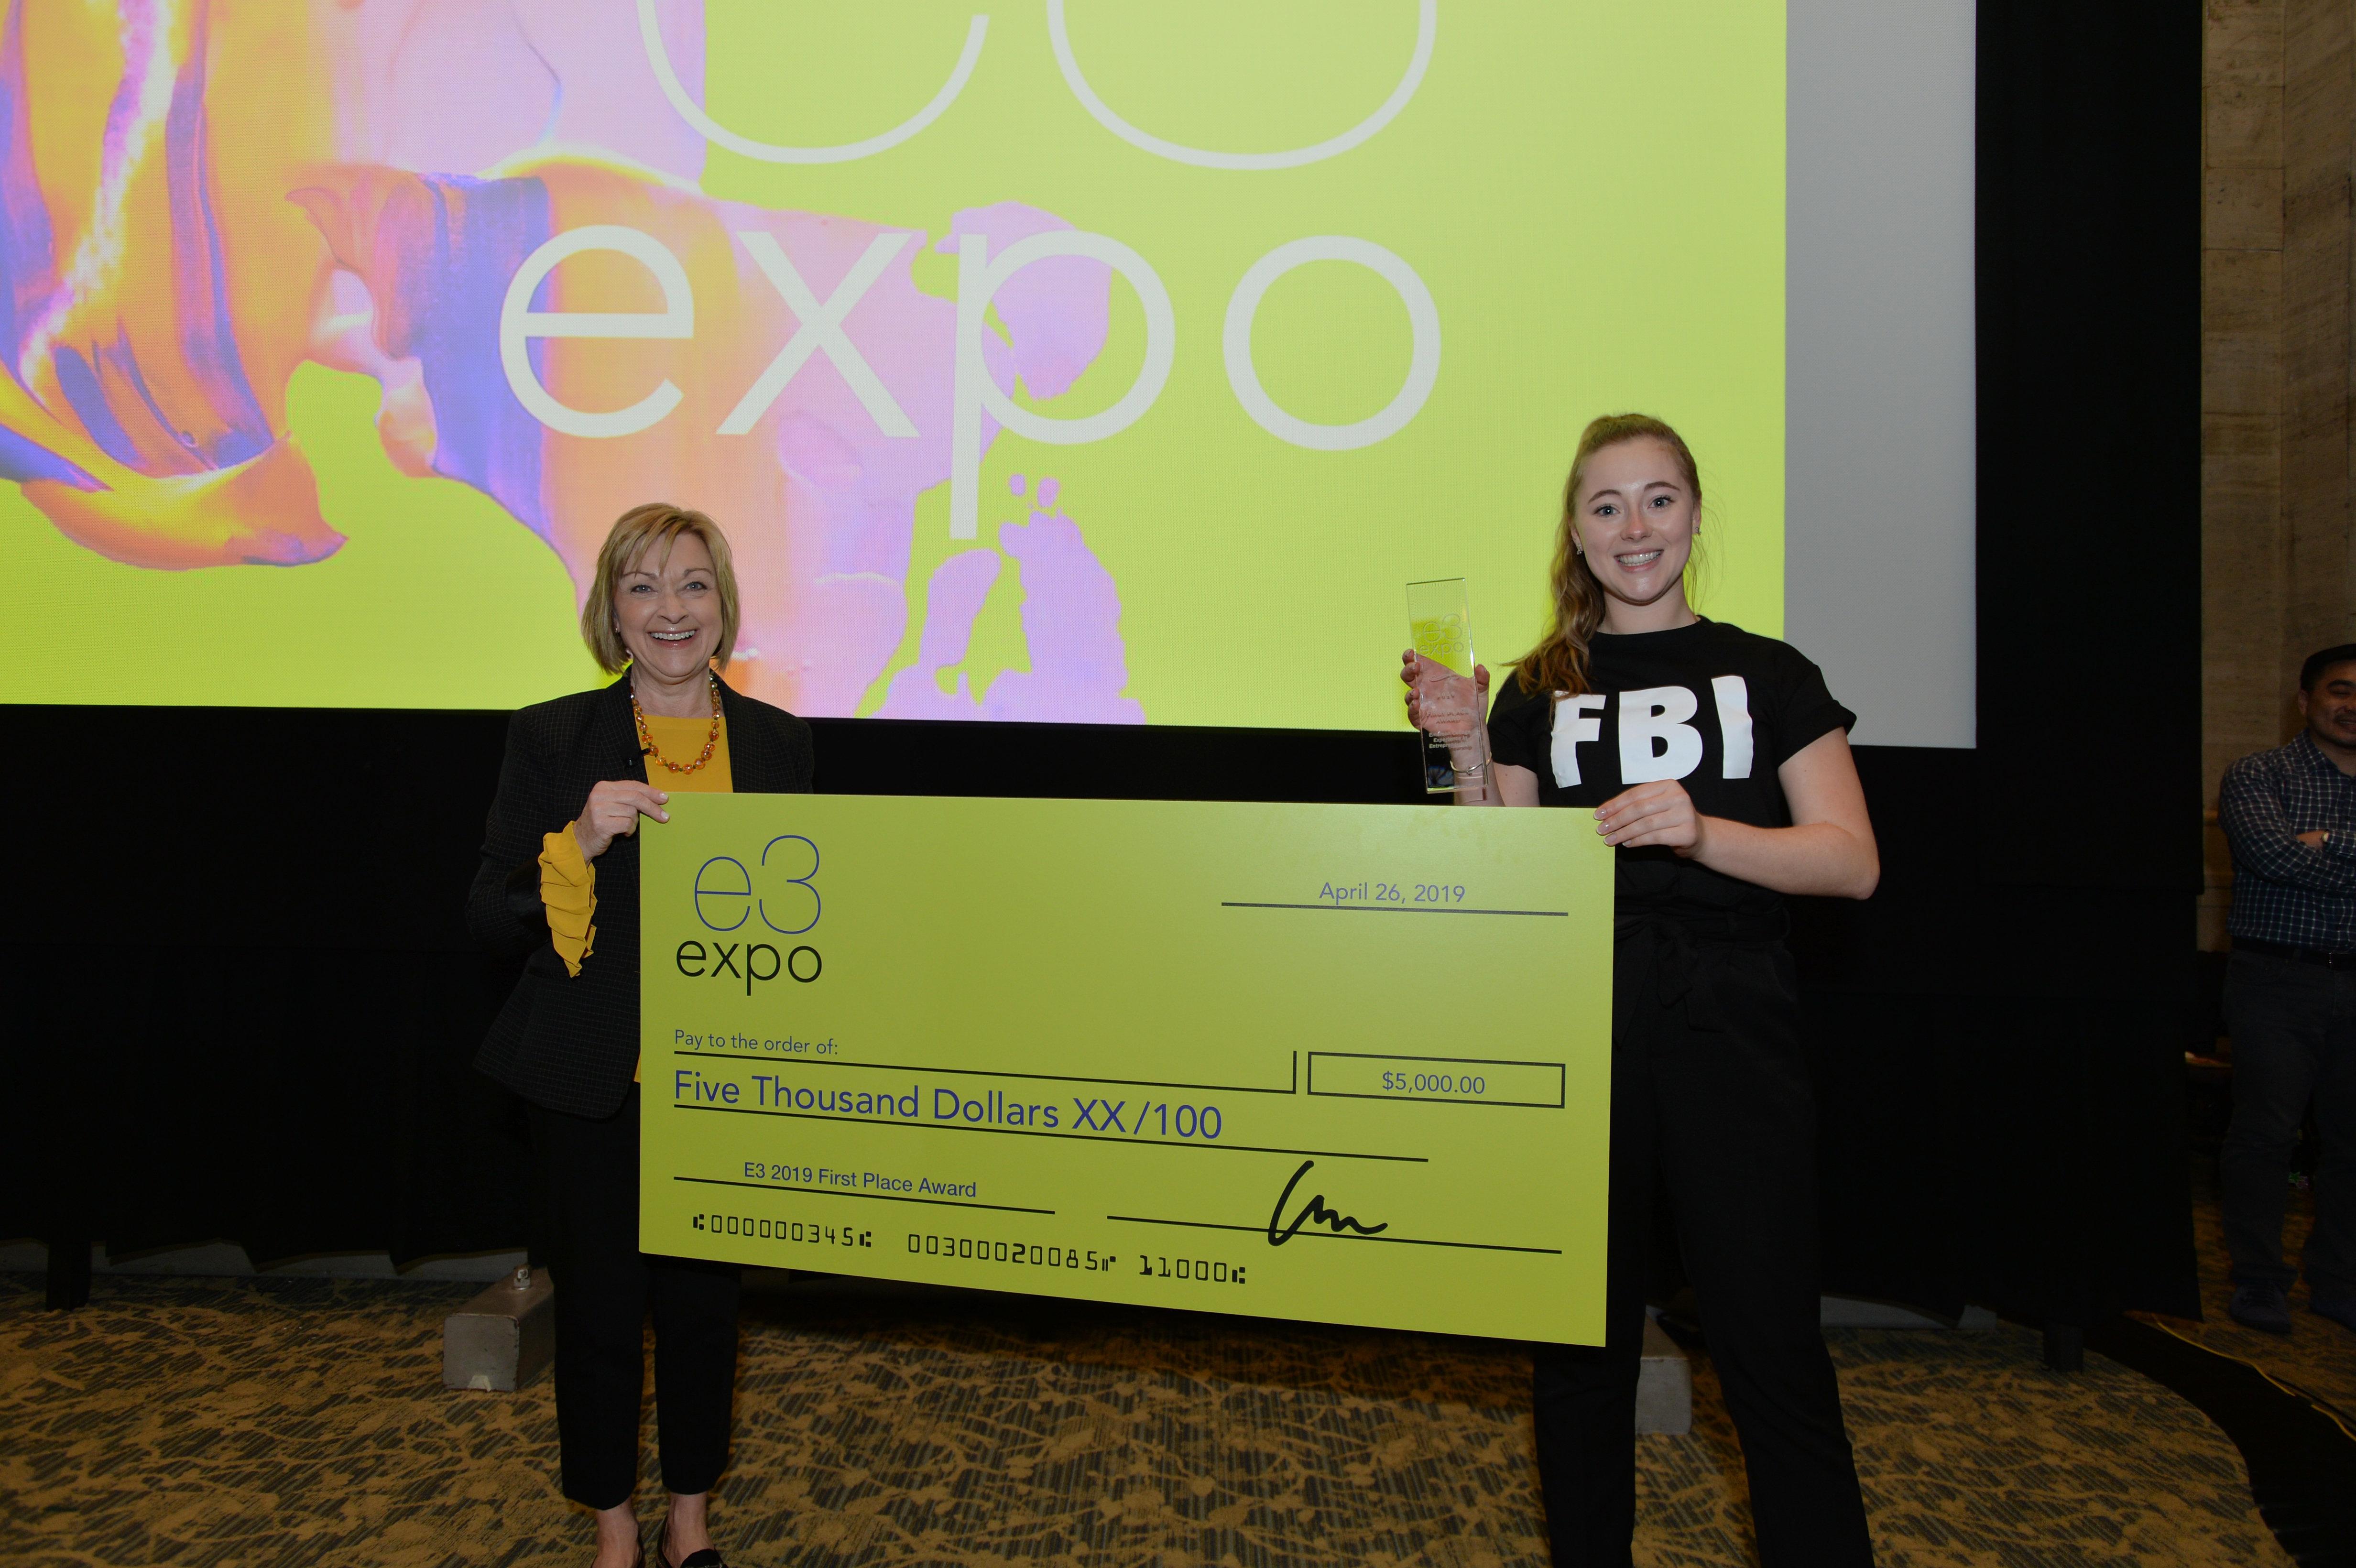 1st place daniella roberge check e3 expo 0381